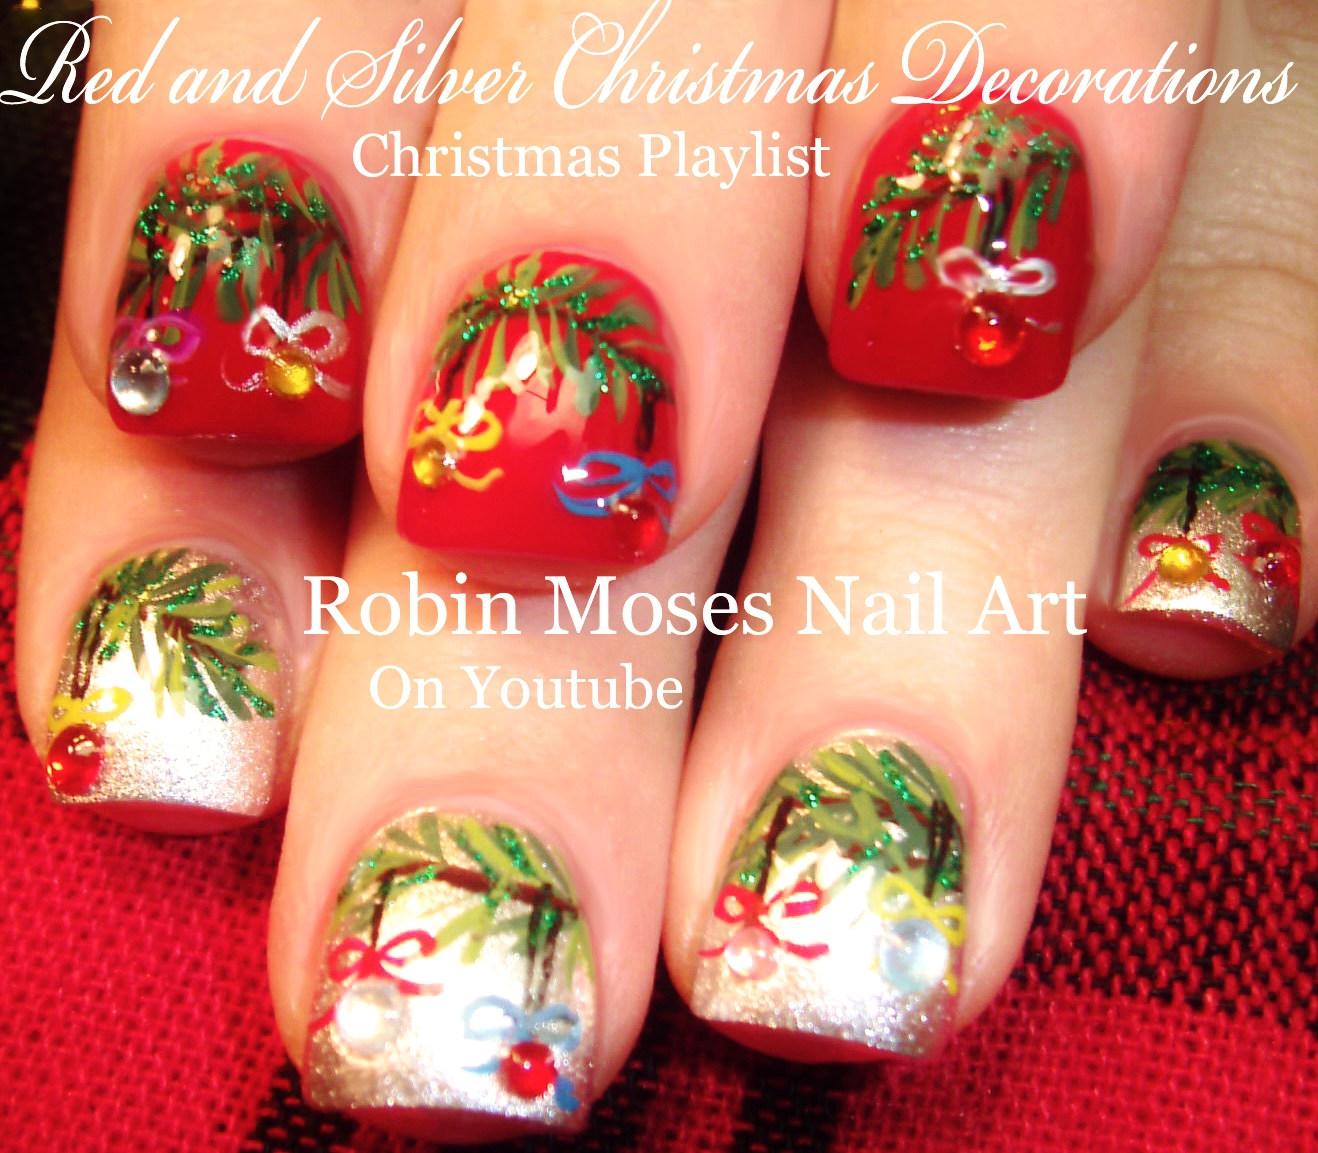 Robin Moses Nail Art Designs: Robin Moses Nail Art